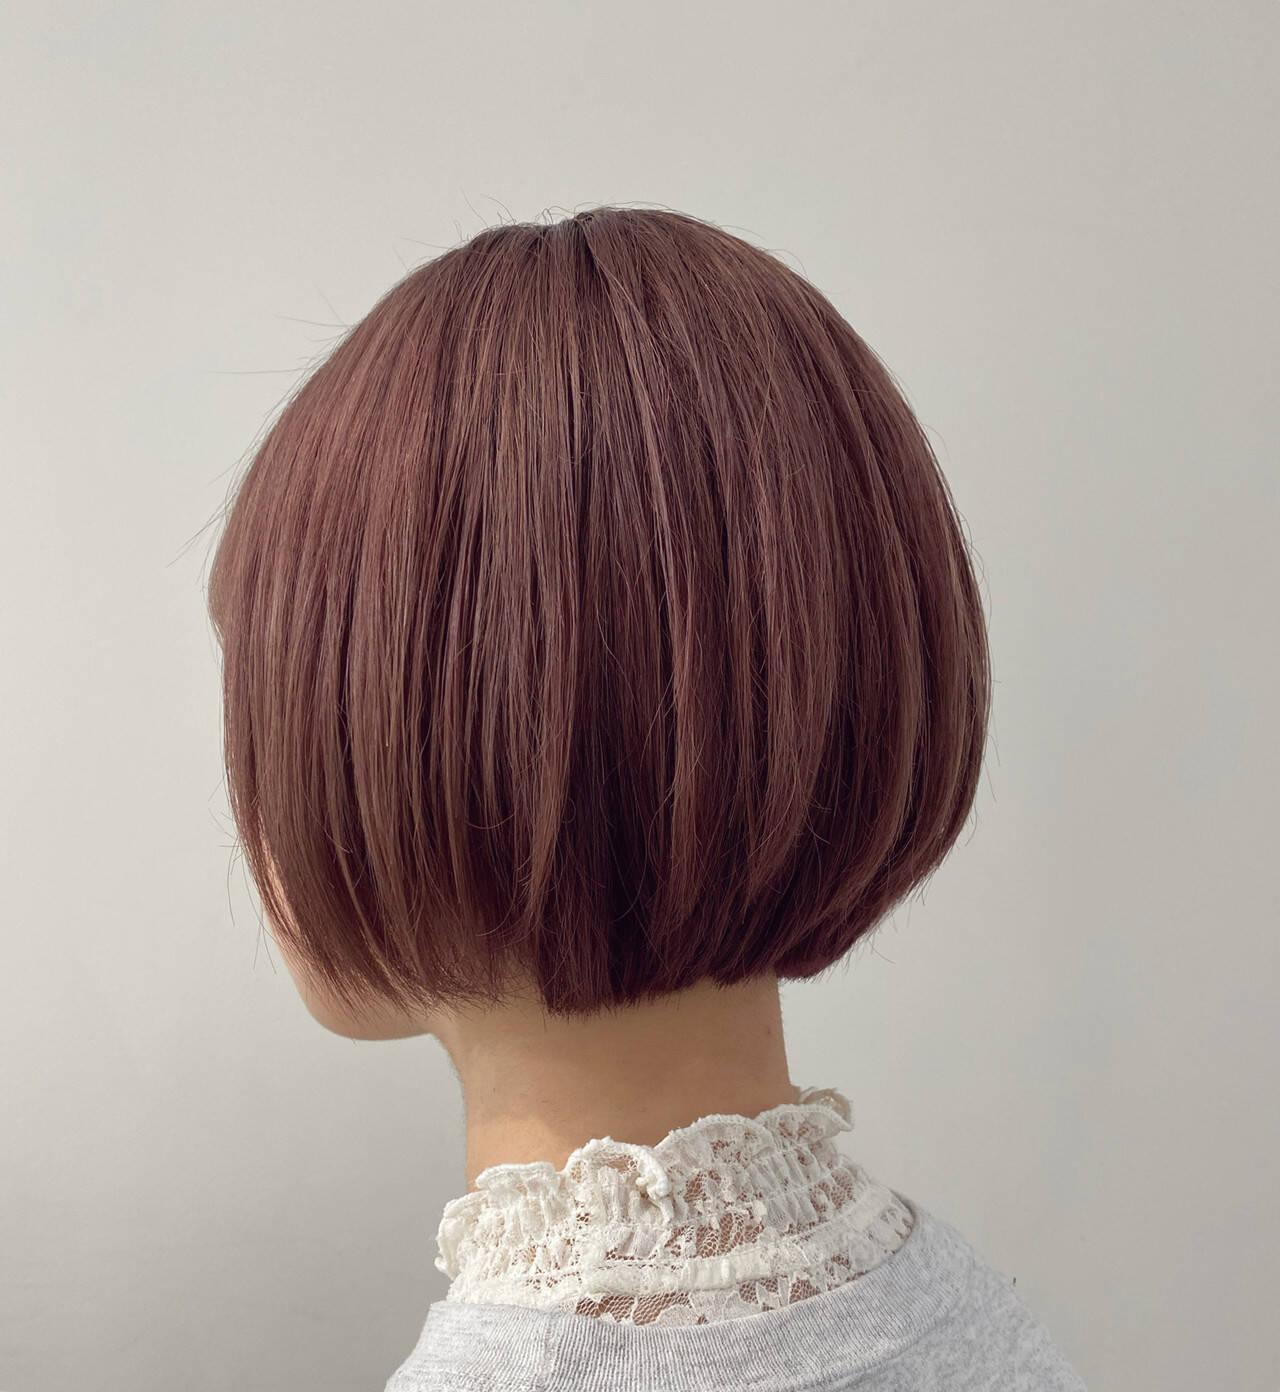 ピンクベージュ ピンク ミニボブ モードヘアスタイルや髪型の写真・画像